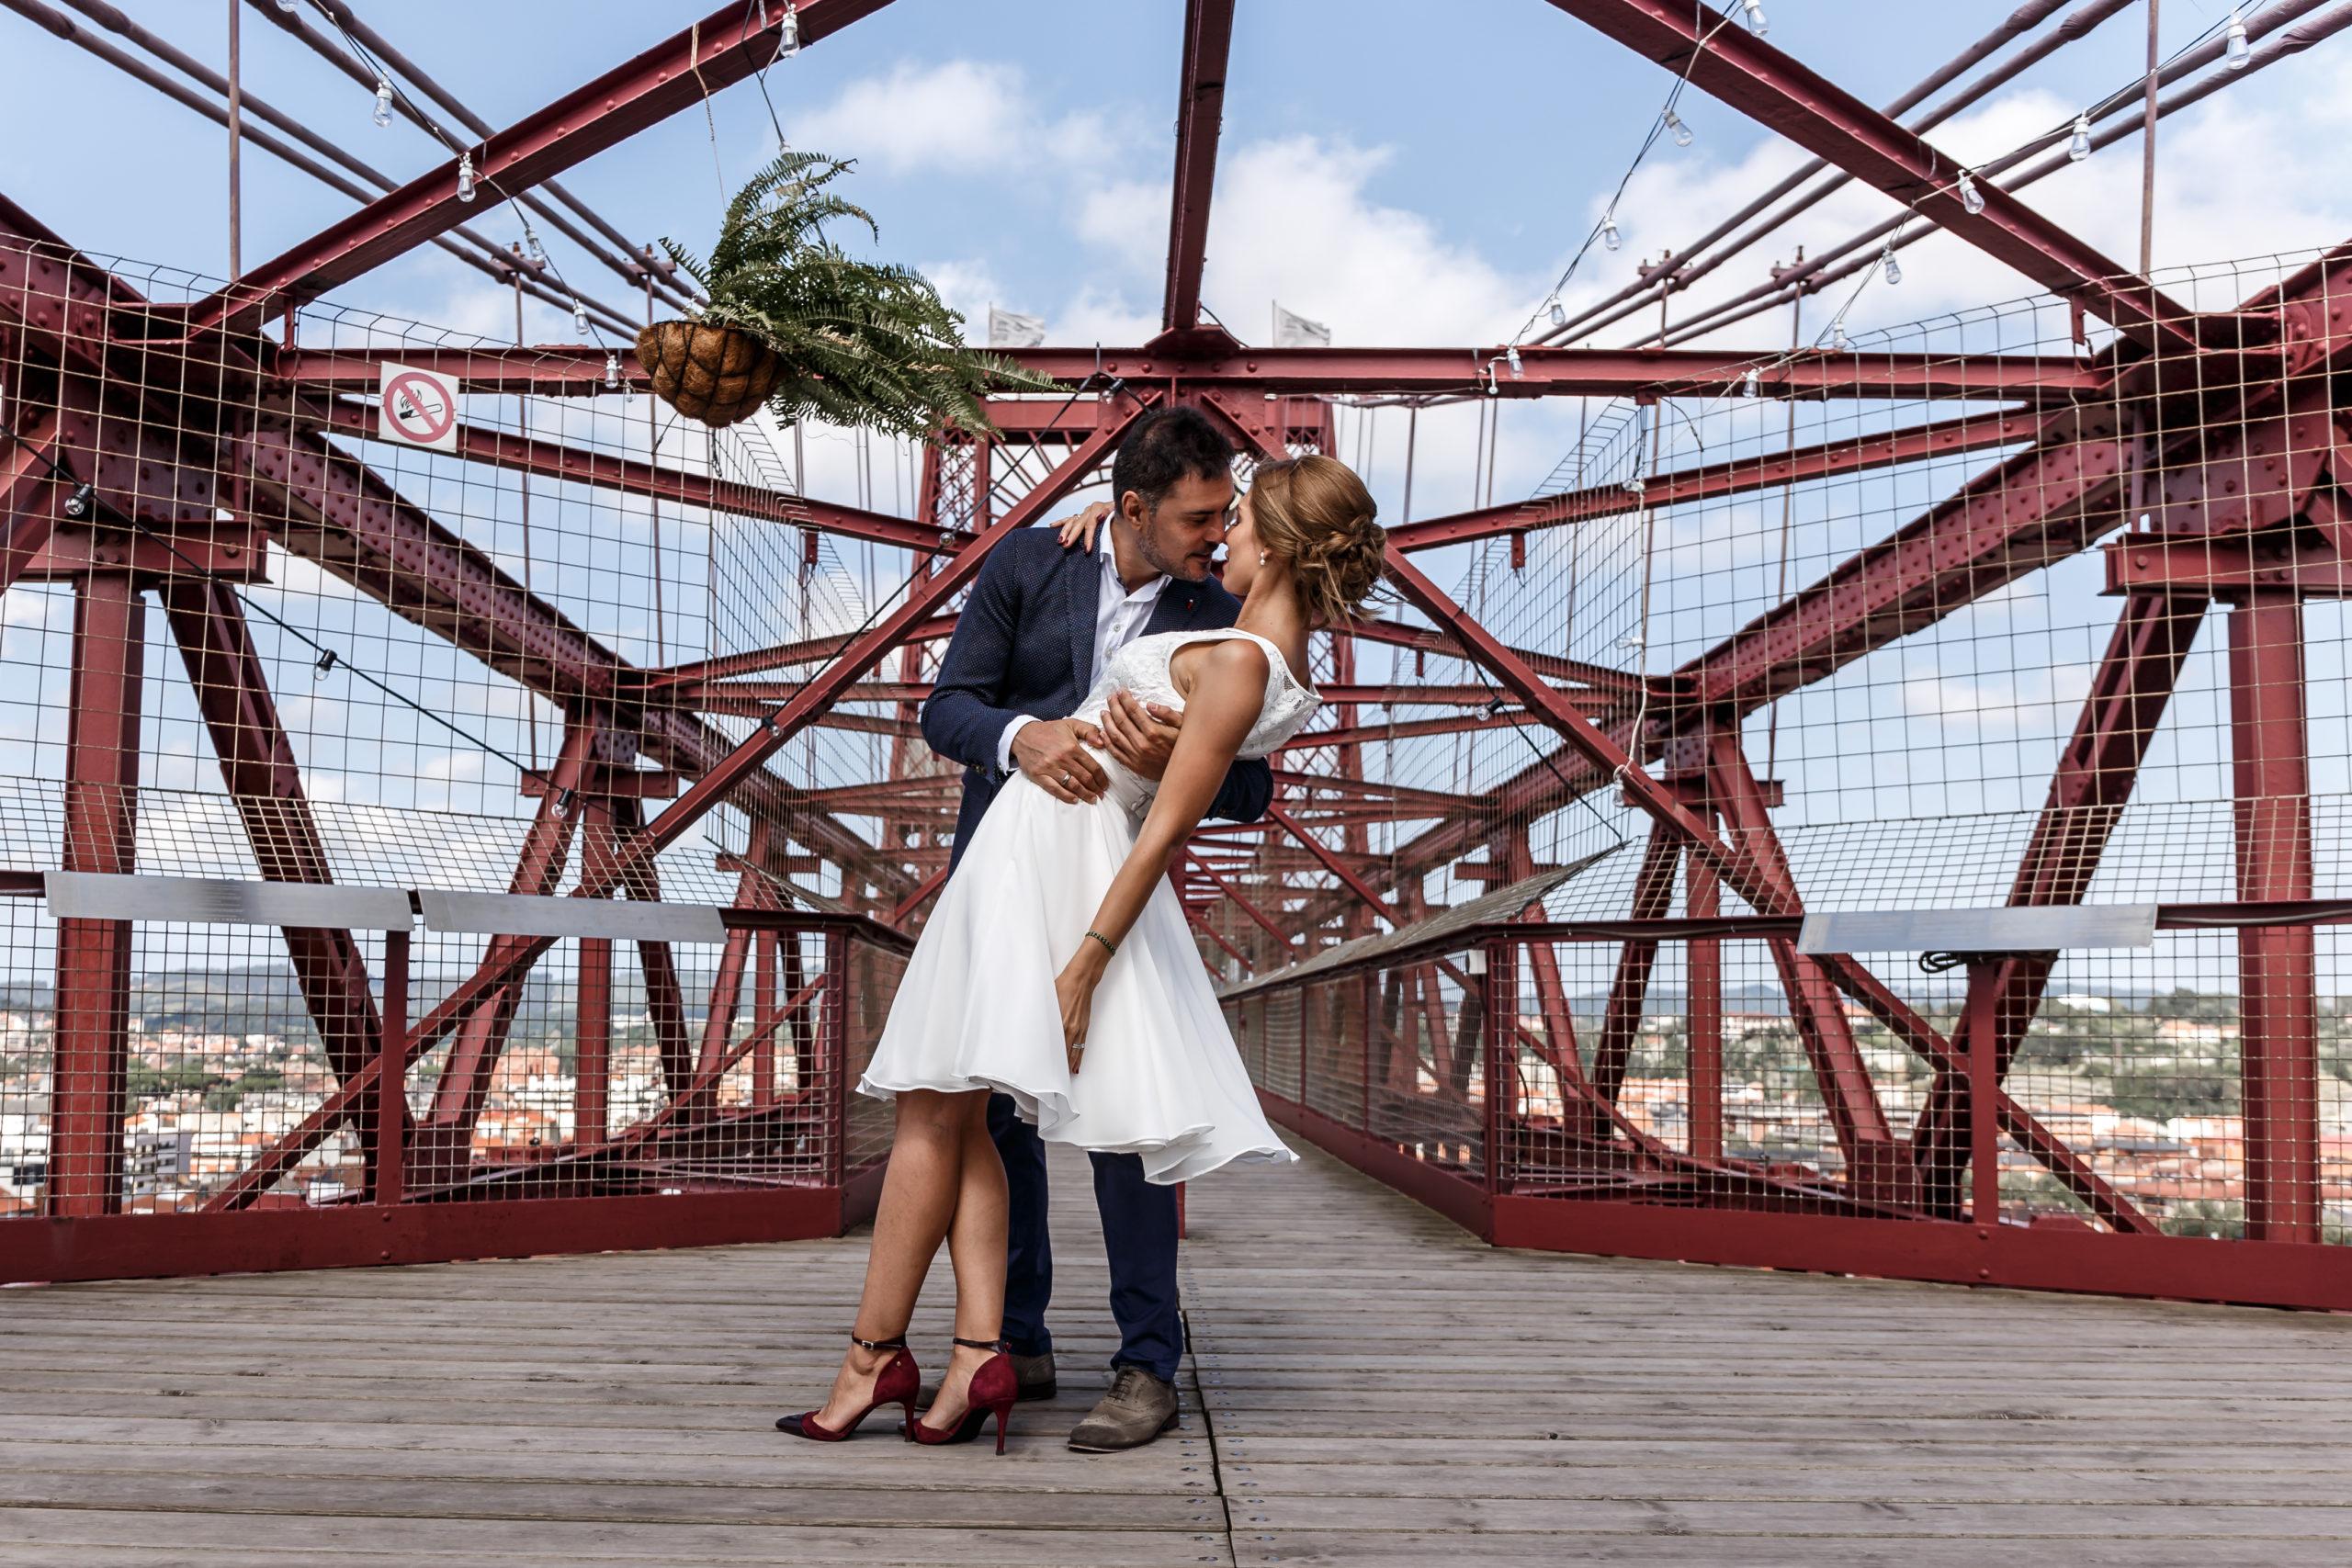 reportaje boda ezkontza erreportaia puente colgante bizkaia zubia